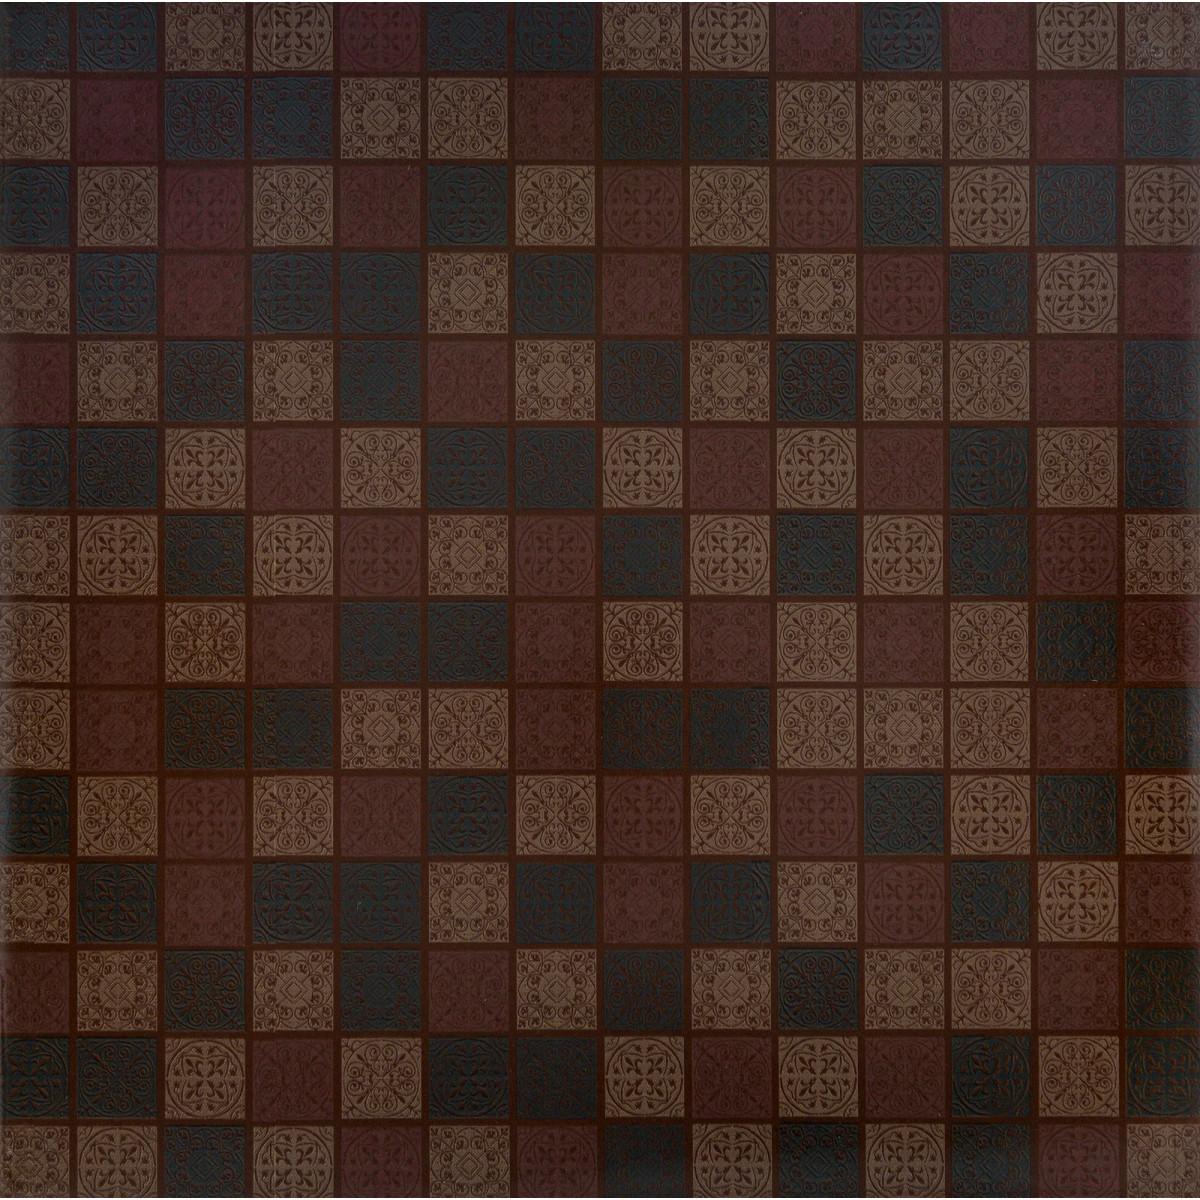 Керамогранит «Arabesque» 32.6x32.6 см 1.27 м² цвет коричневый